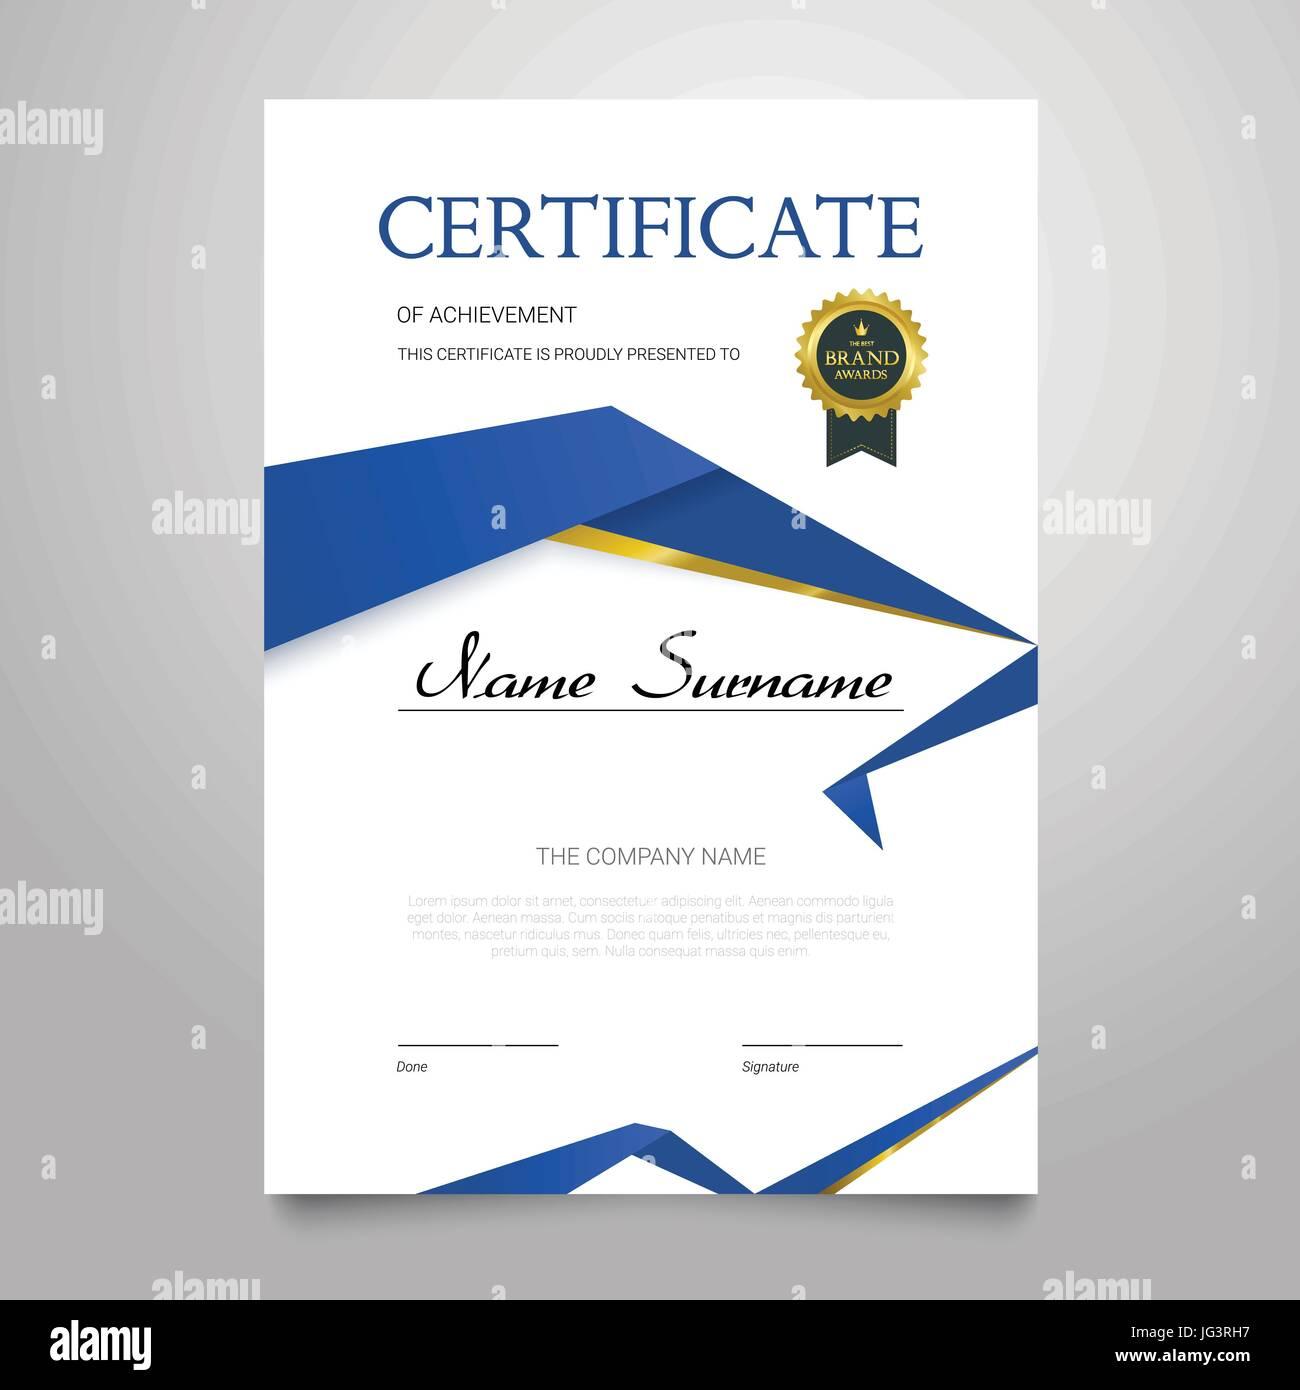 Erfreut Zertifikate Der Wertschätzung Galerie - Bilder für das ...